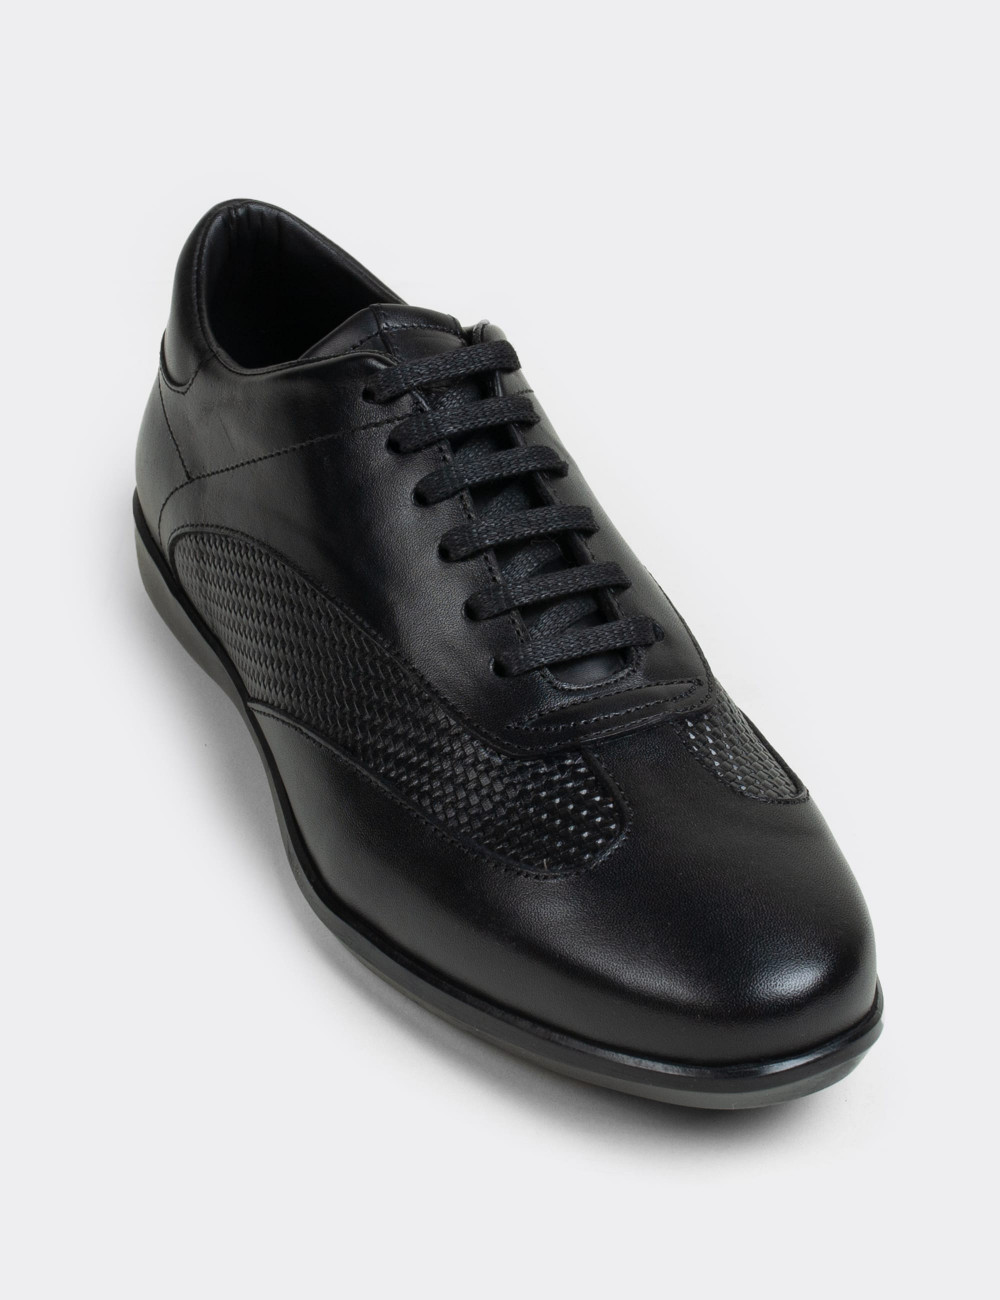 Hakiki Deri Siyah Günlük Erkek Ayakkabı - 01686MSYHC01